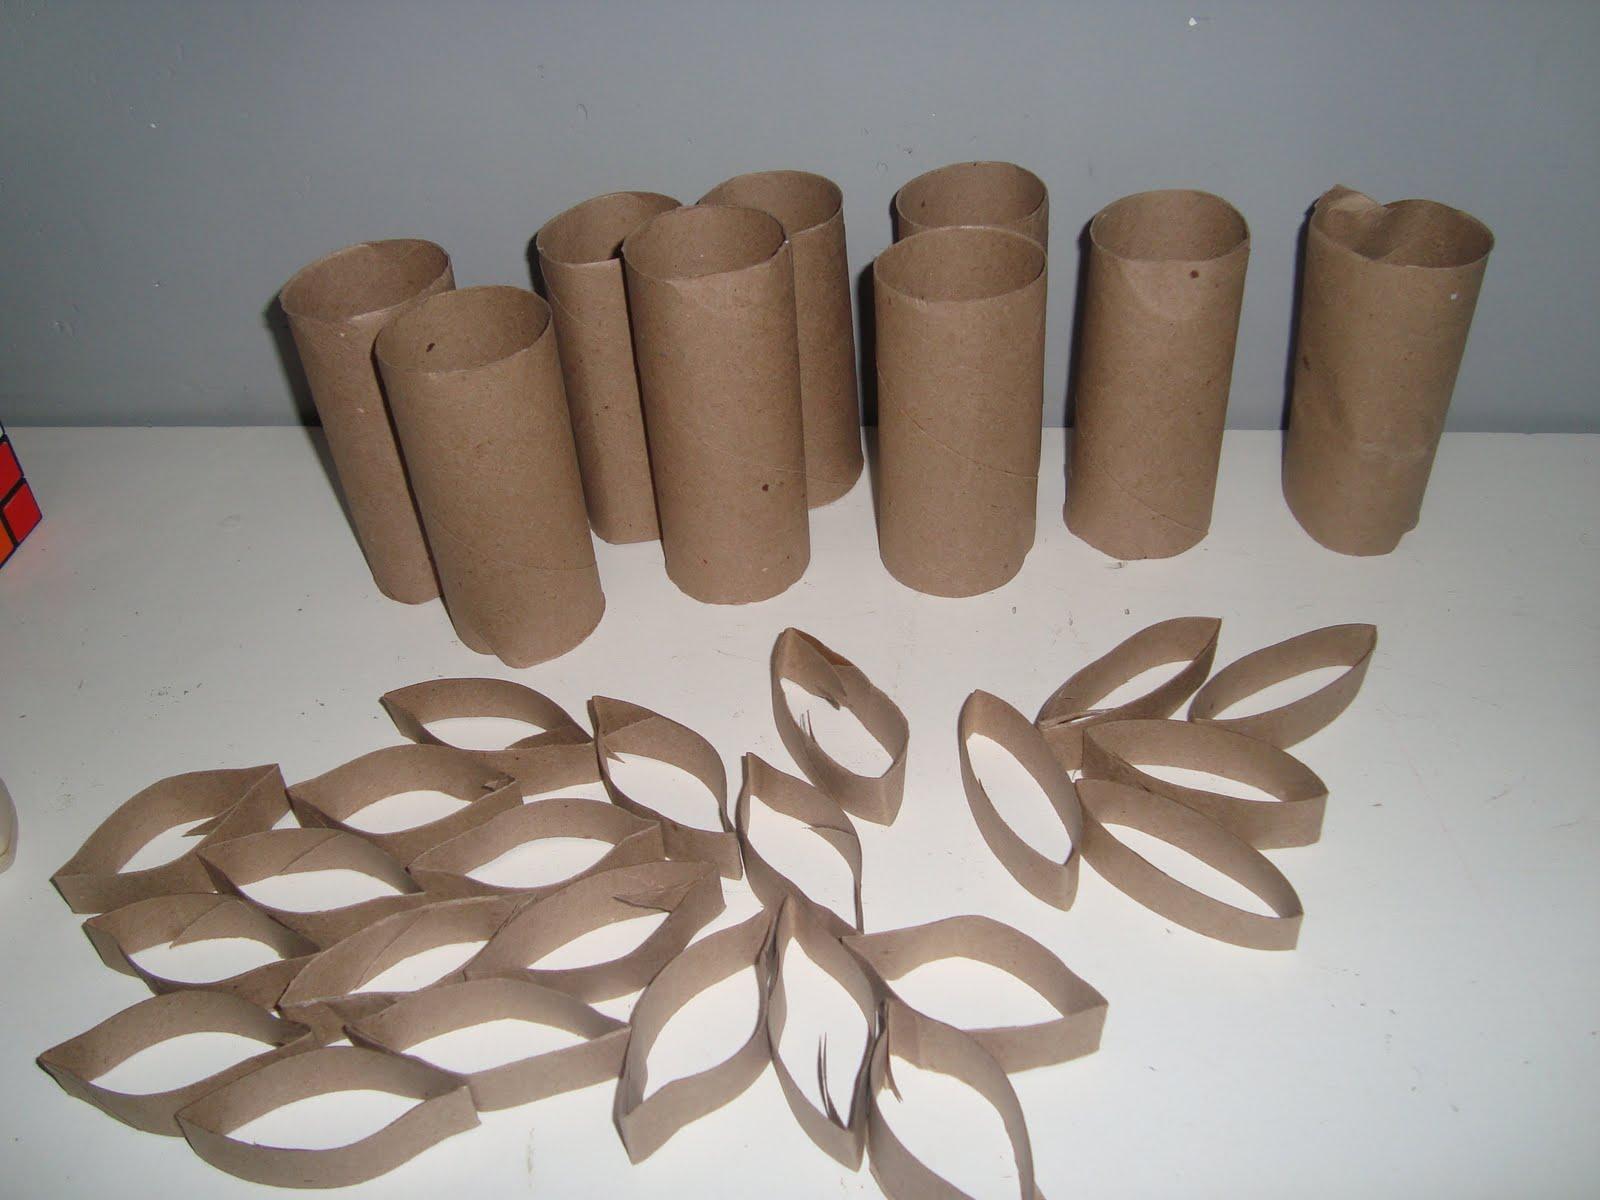 10 manualidades de reciclaje con carton de huevo manualidades de.